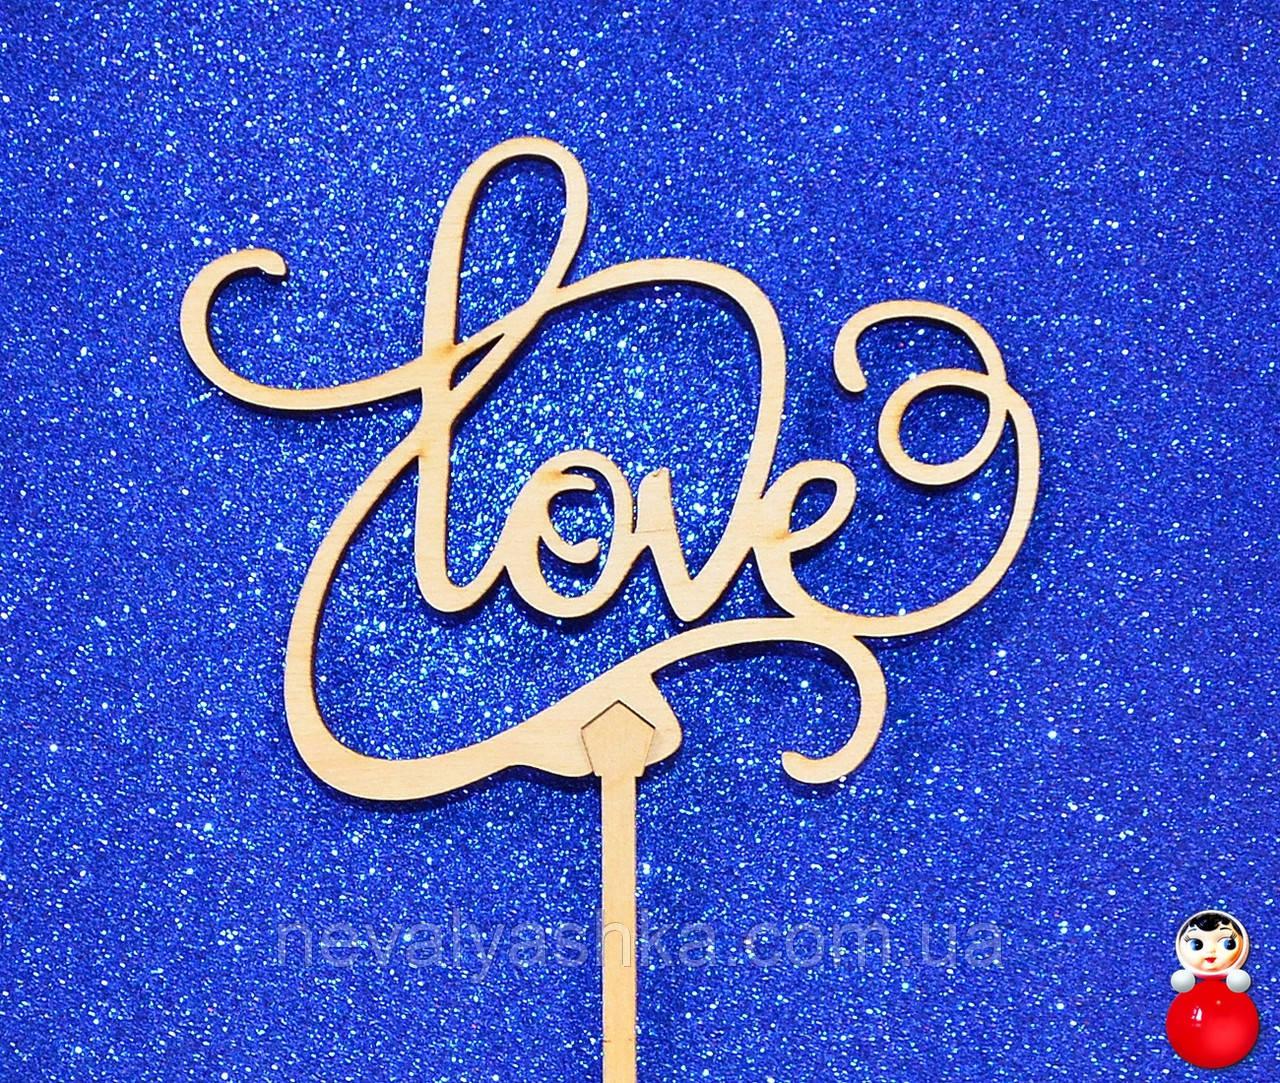 ТОППЕР Деревянный LOVE Любовь Люблю Топперы для Торта Топер дерев'яний из дерева на капкейки и торт